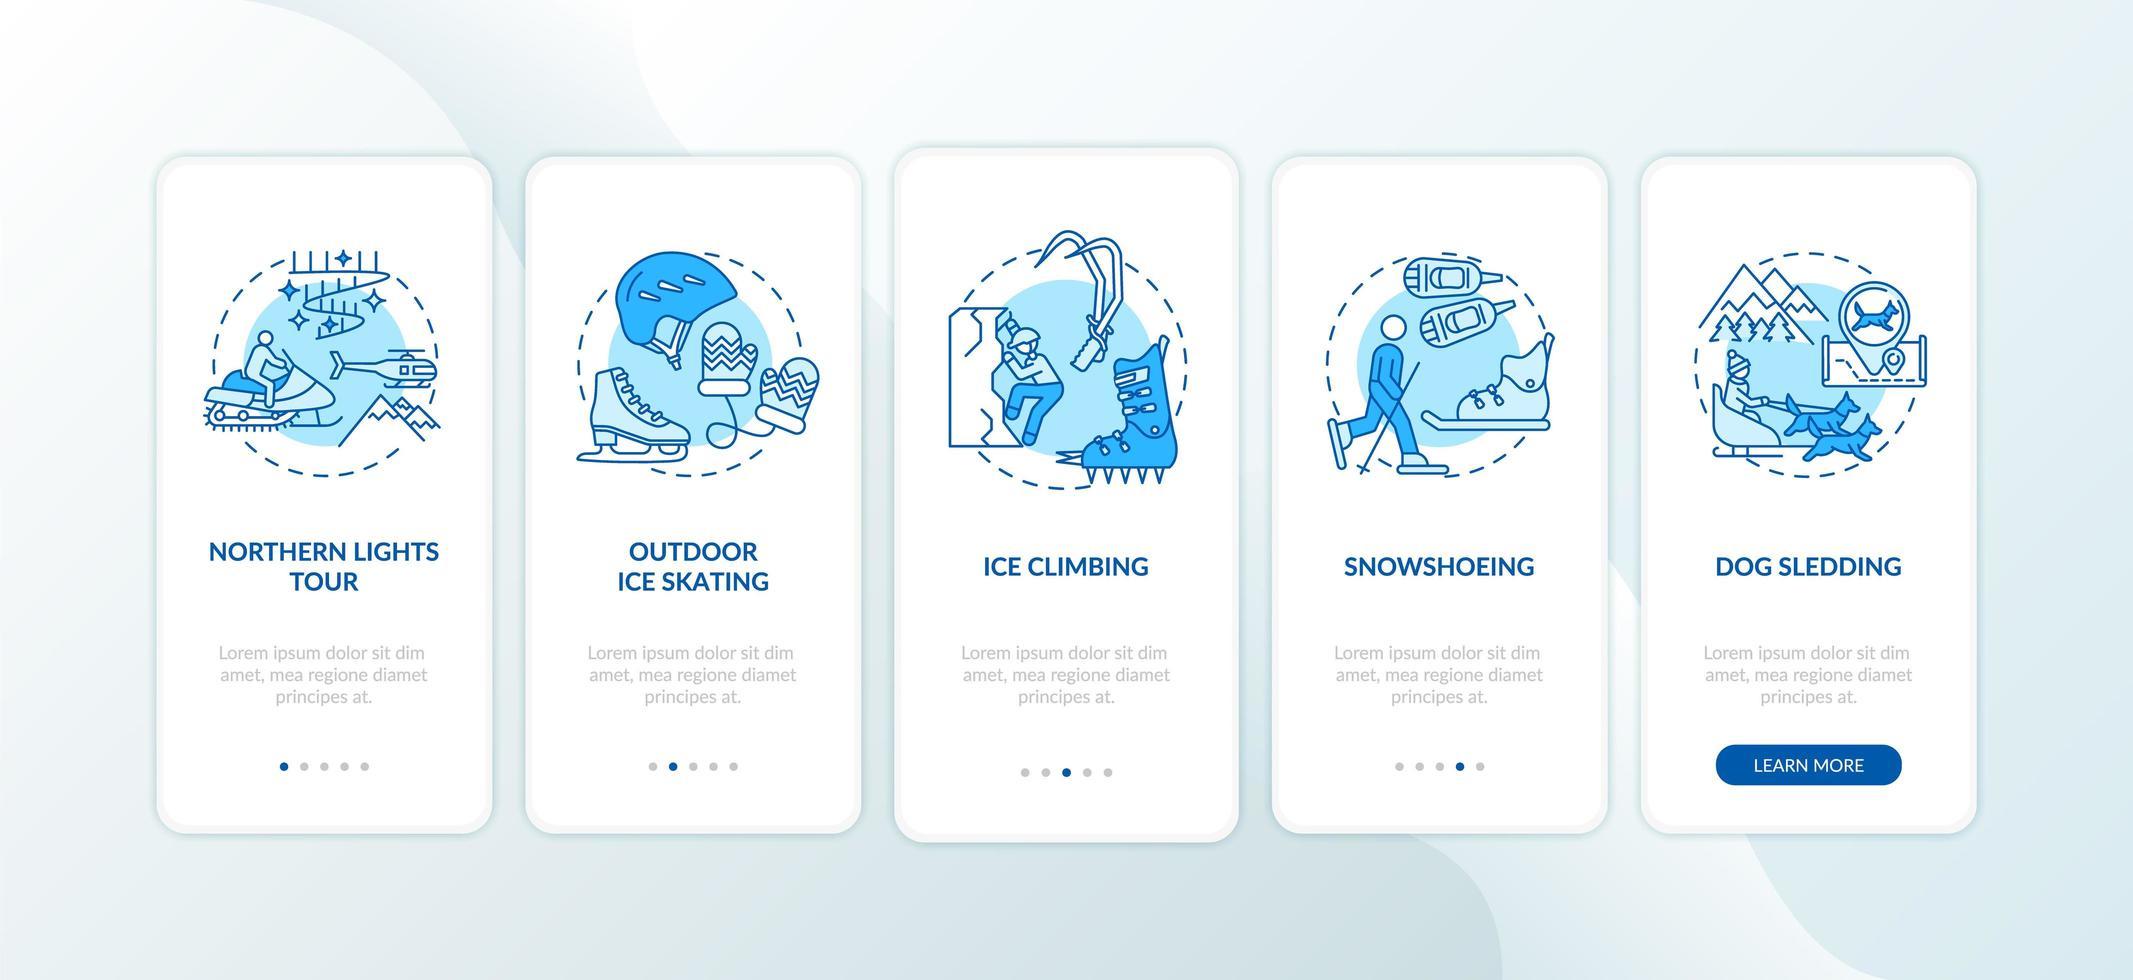 écran de la page de l'application mobile d'intégration des activités de plein air d'hiver avec des concepts vecteur